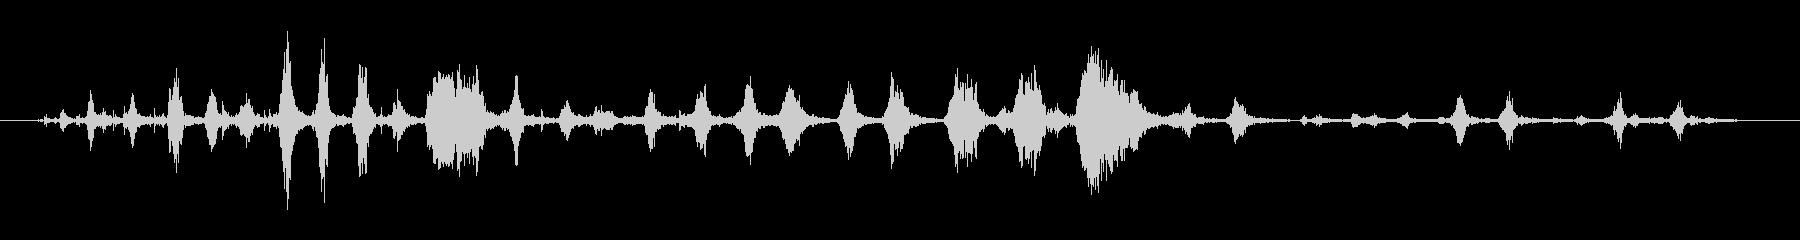 鳥 チキンカックルロング01の未再生の波形